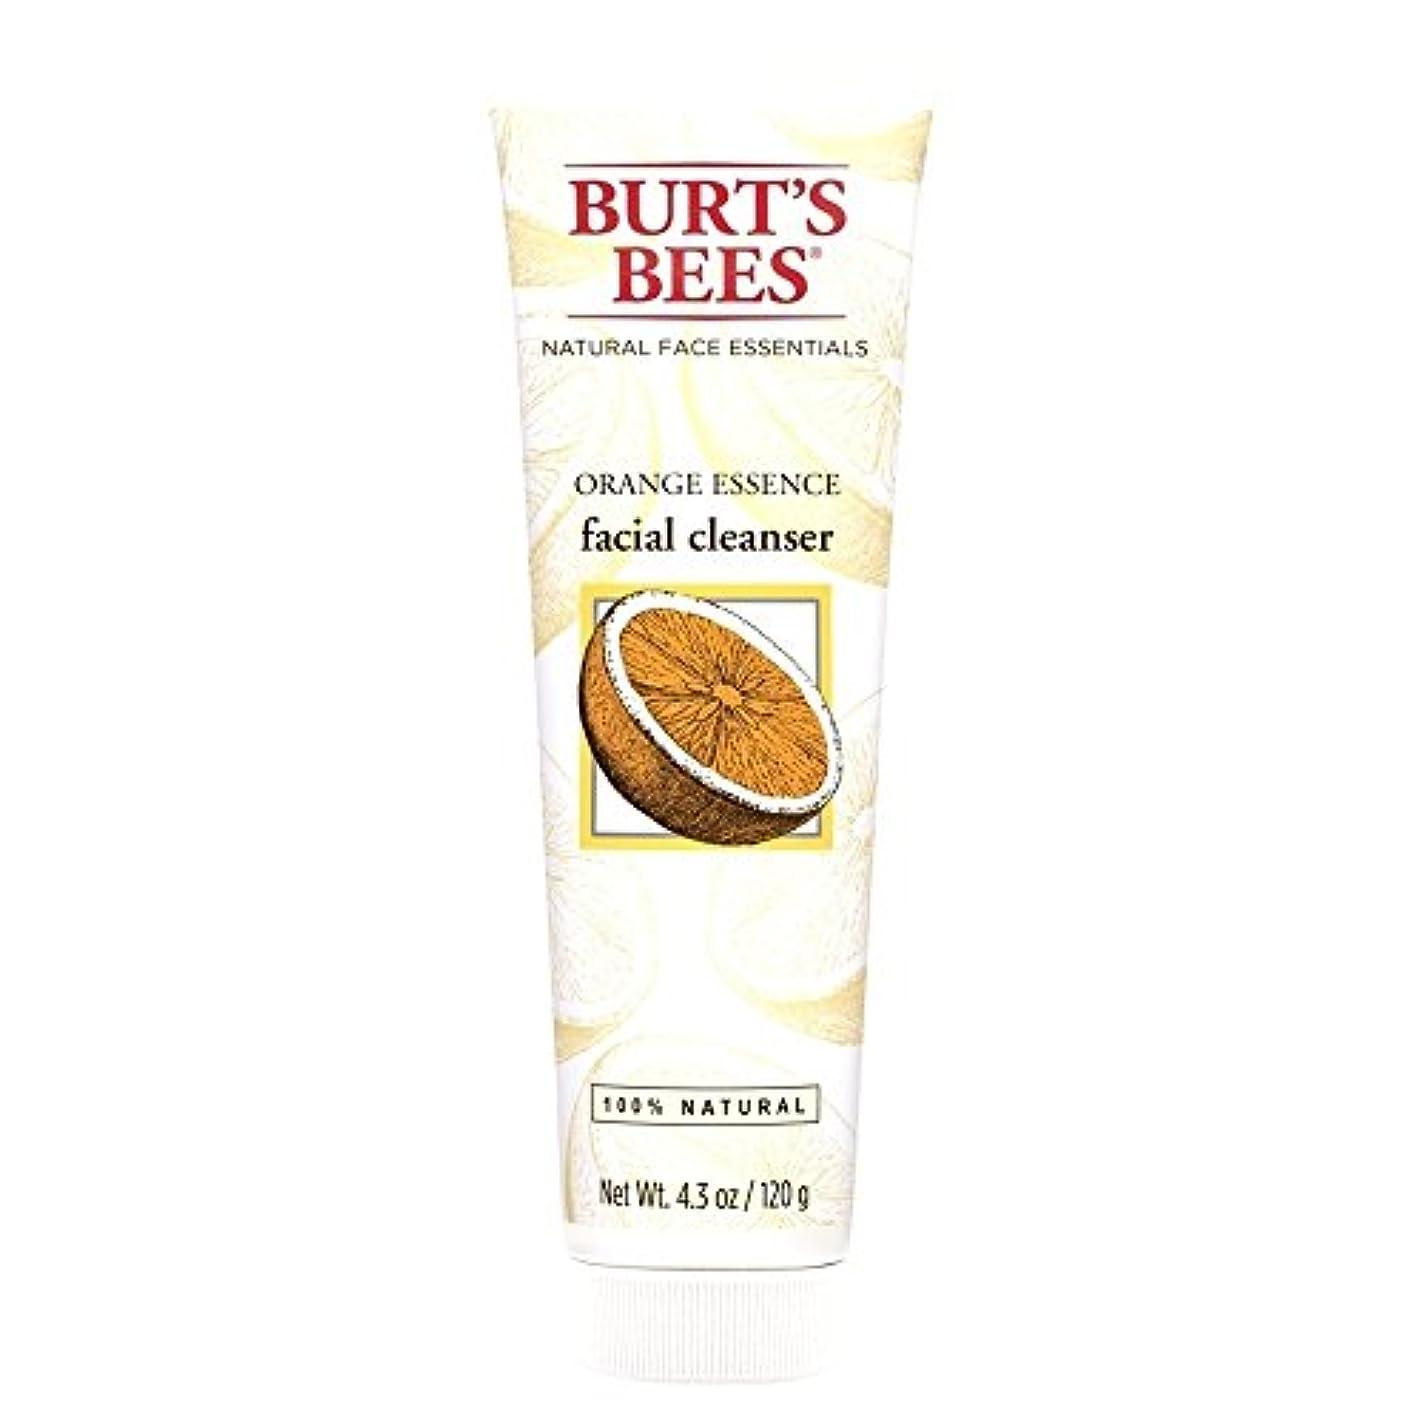 祖先手紙を書く咲くバーツビーオレンジエッセンス洗顔料、125グラム (Burt's Bees) (x6) - Burt's Bees Orange Essence Facial Cleanser, 125g (Pack of 6) [並行輸入品]